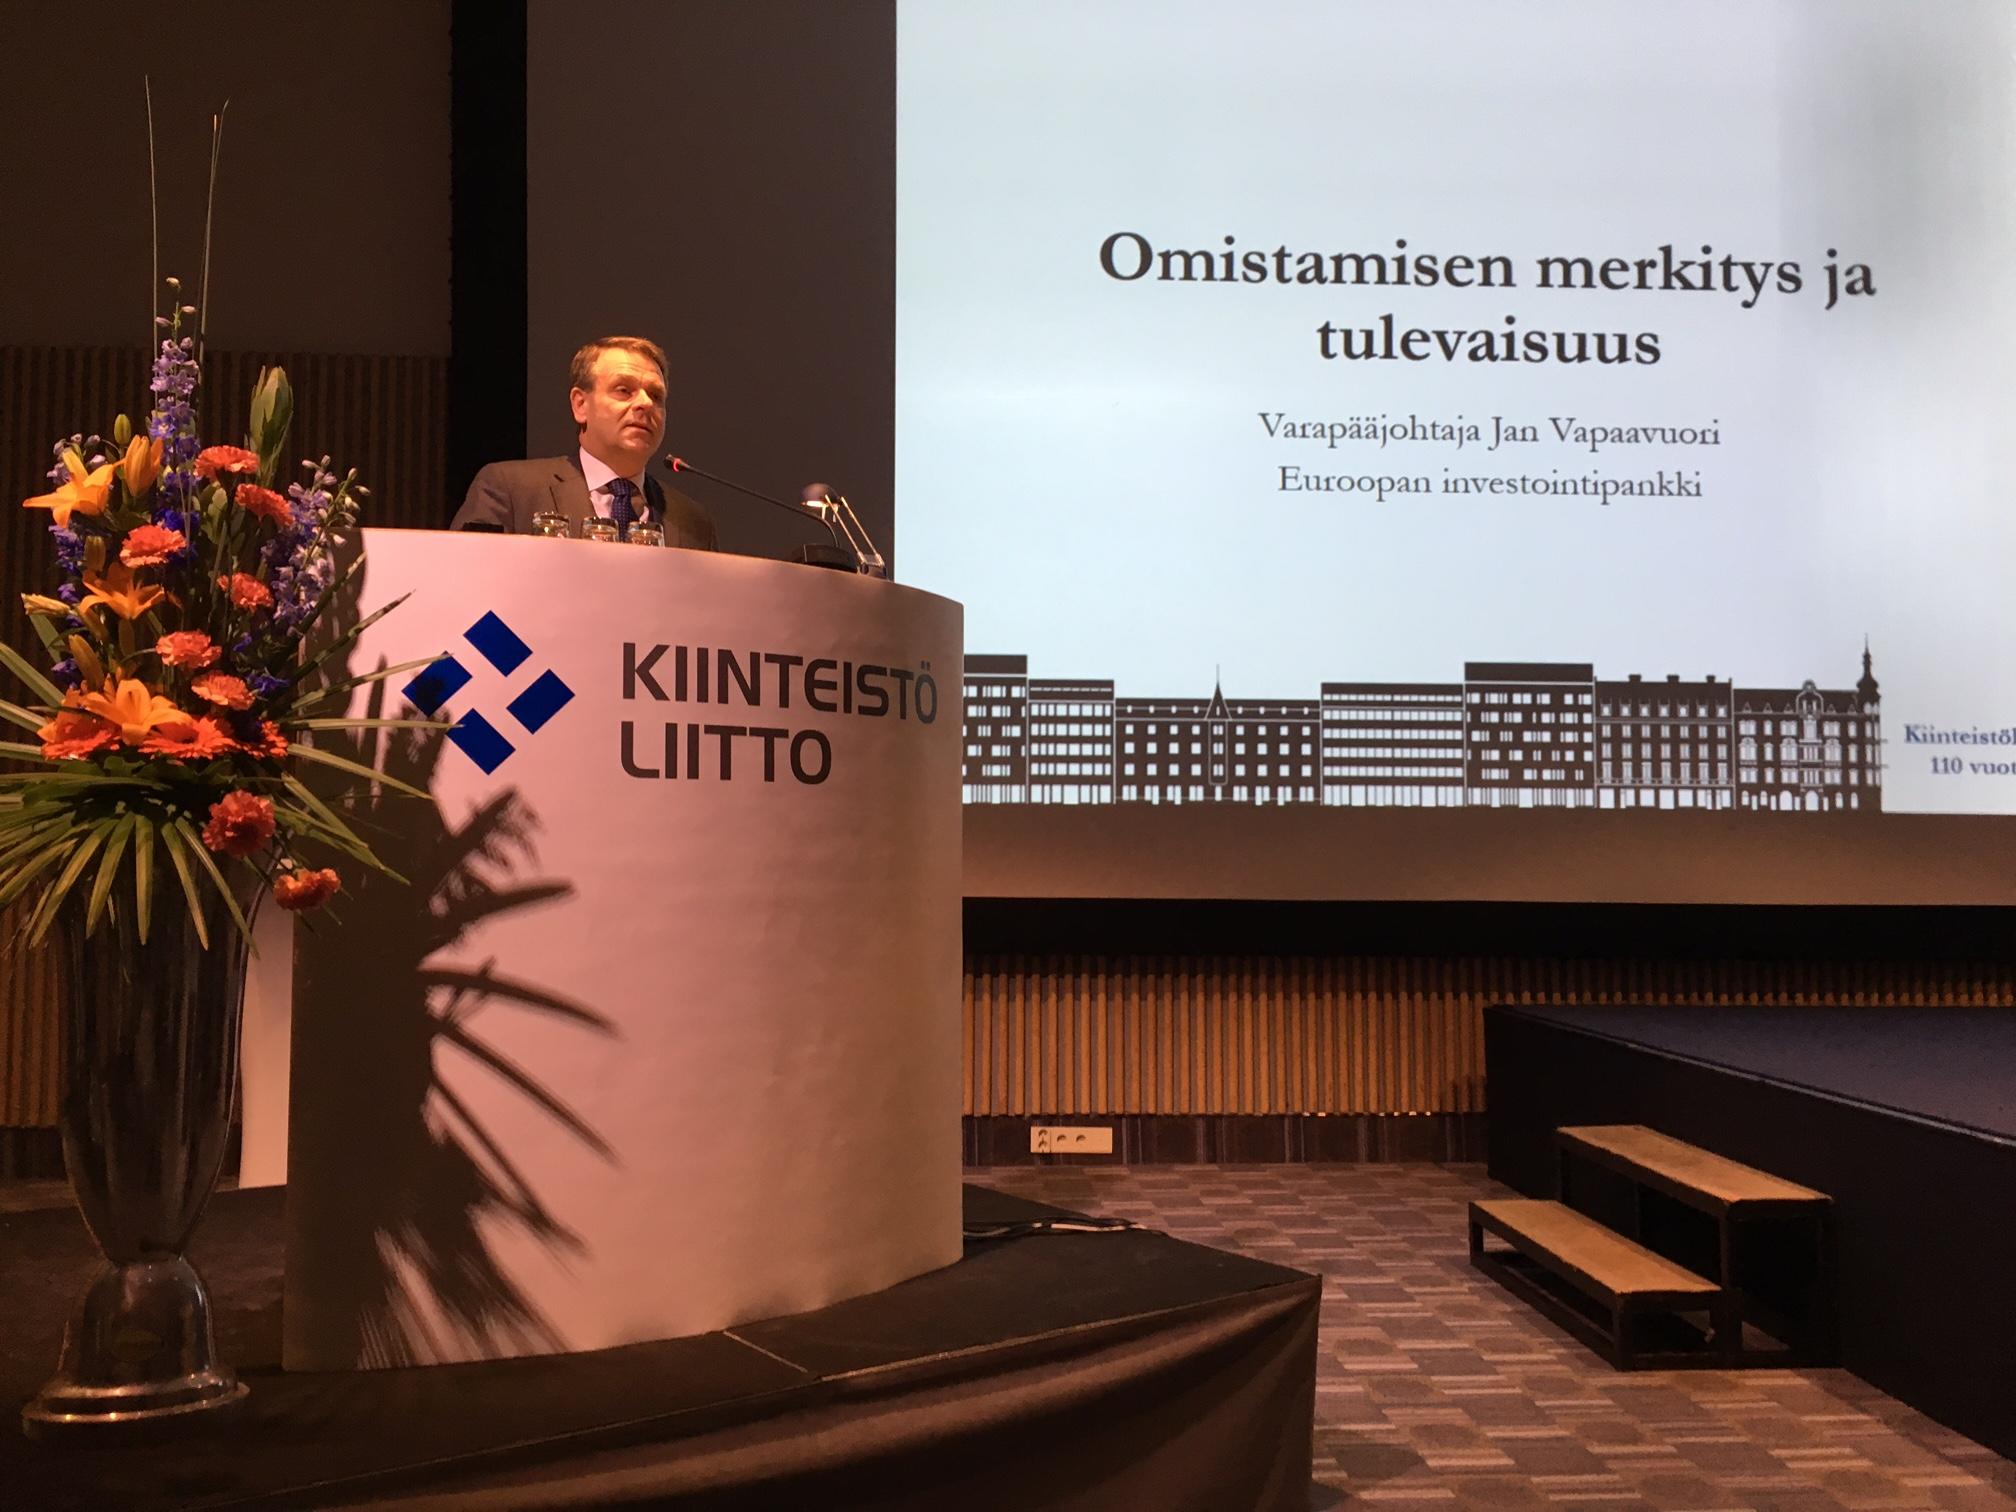 Suomen Kiinteistöliiton 110-vuotisjuhla